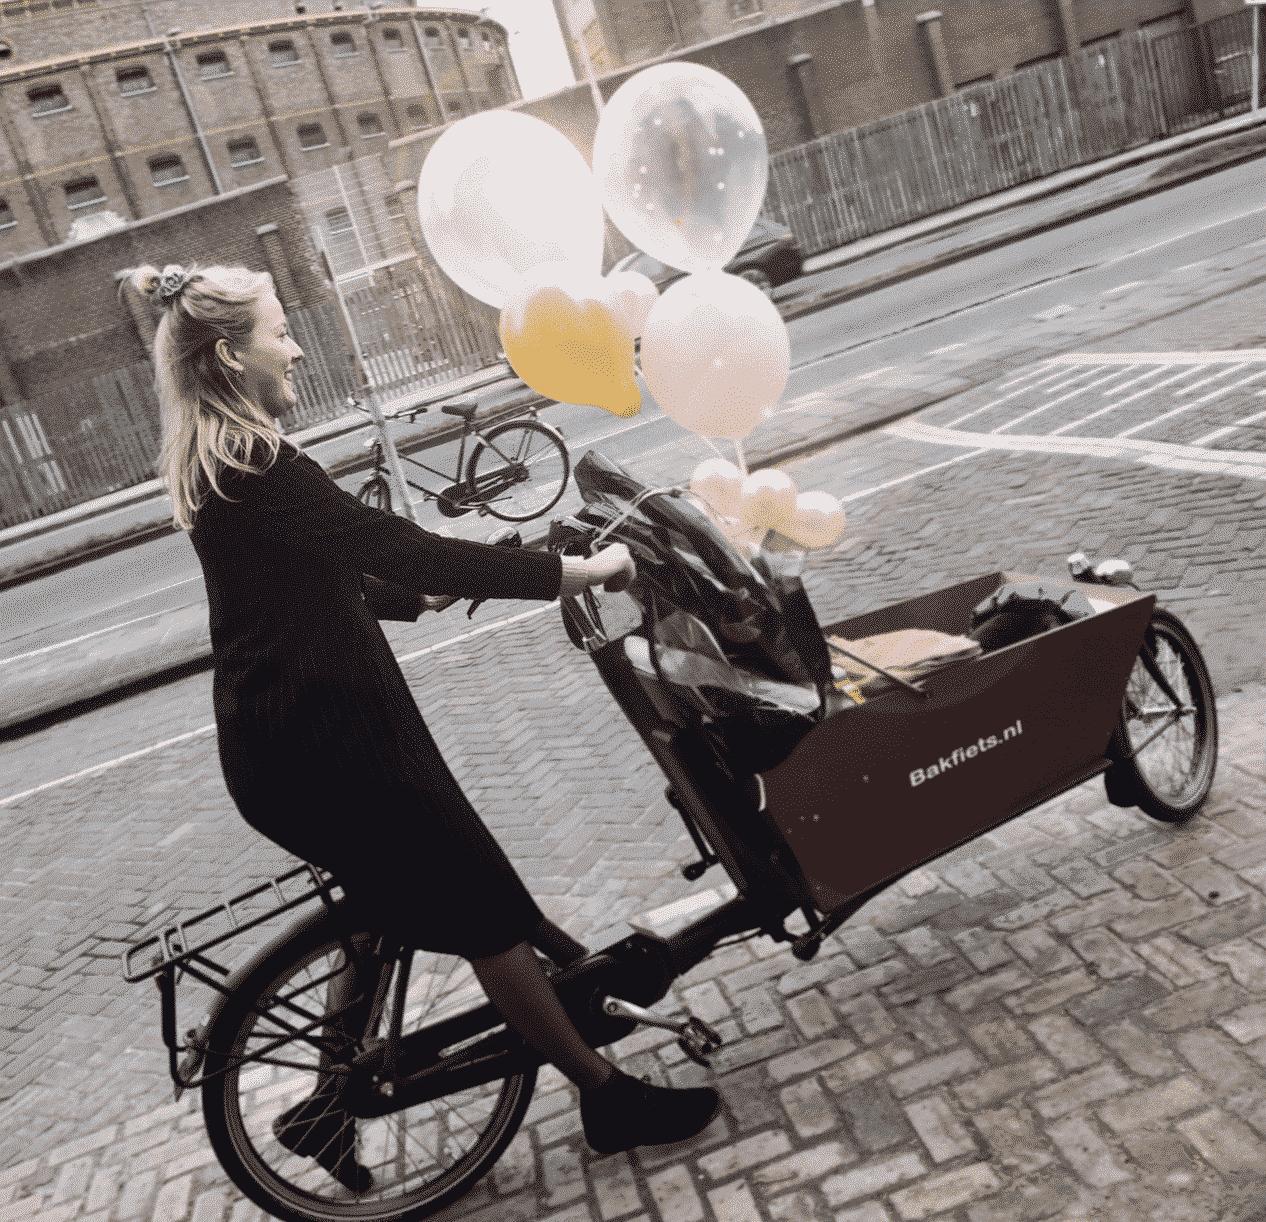 gastouder van Nanny Nina rijdt met de kinderen in een bakfiets naar de speelafspraak. De gastouder heeft blond haar en balonnen aan de bakfiets.